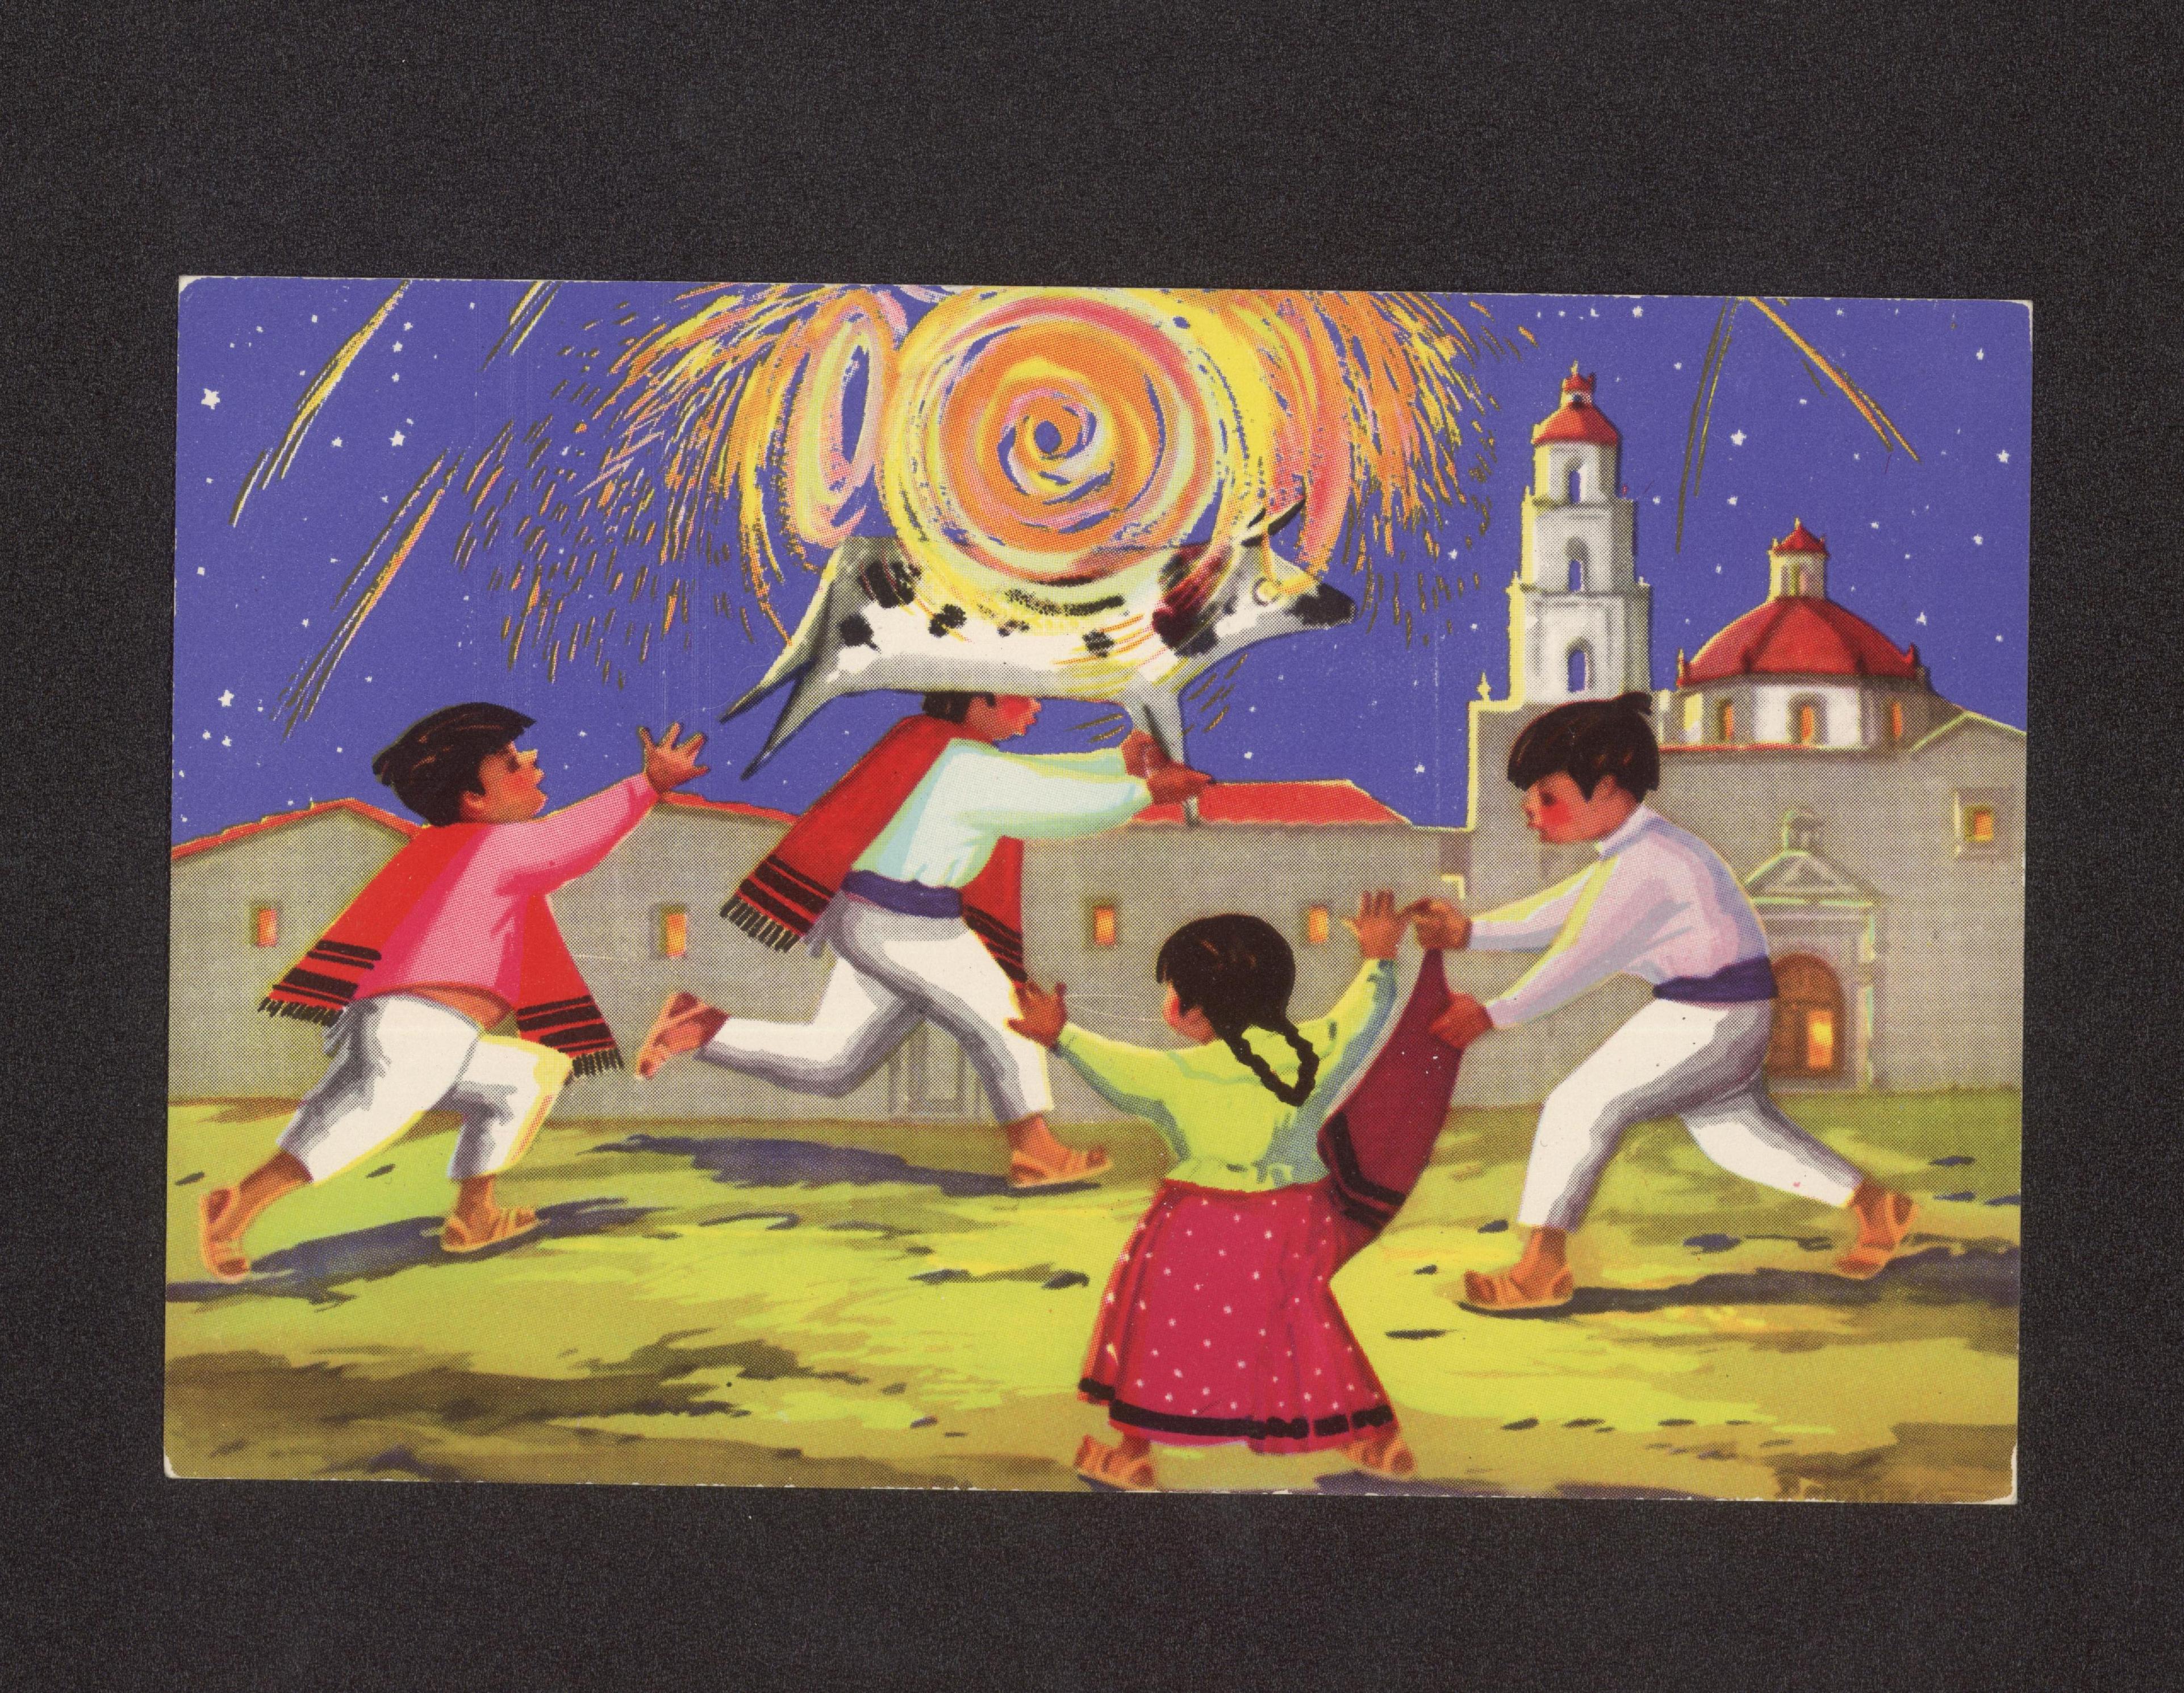 [26] Fuegos artificiales. Colección de Postales de la UACJ.